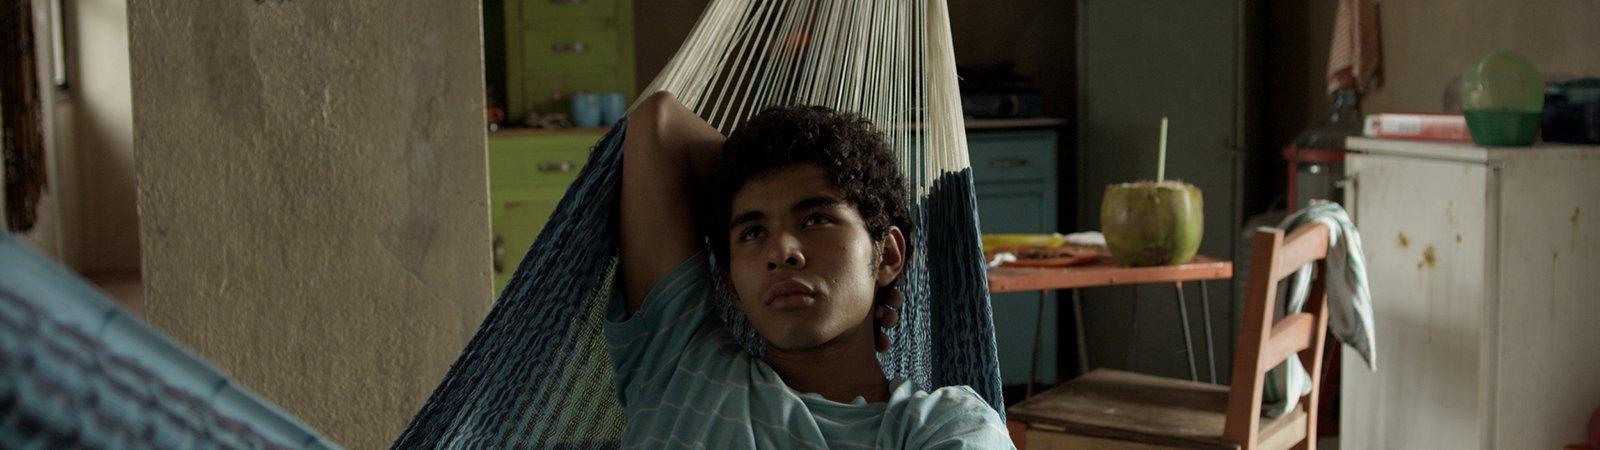 Photo dernier film Fermin Martinez